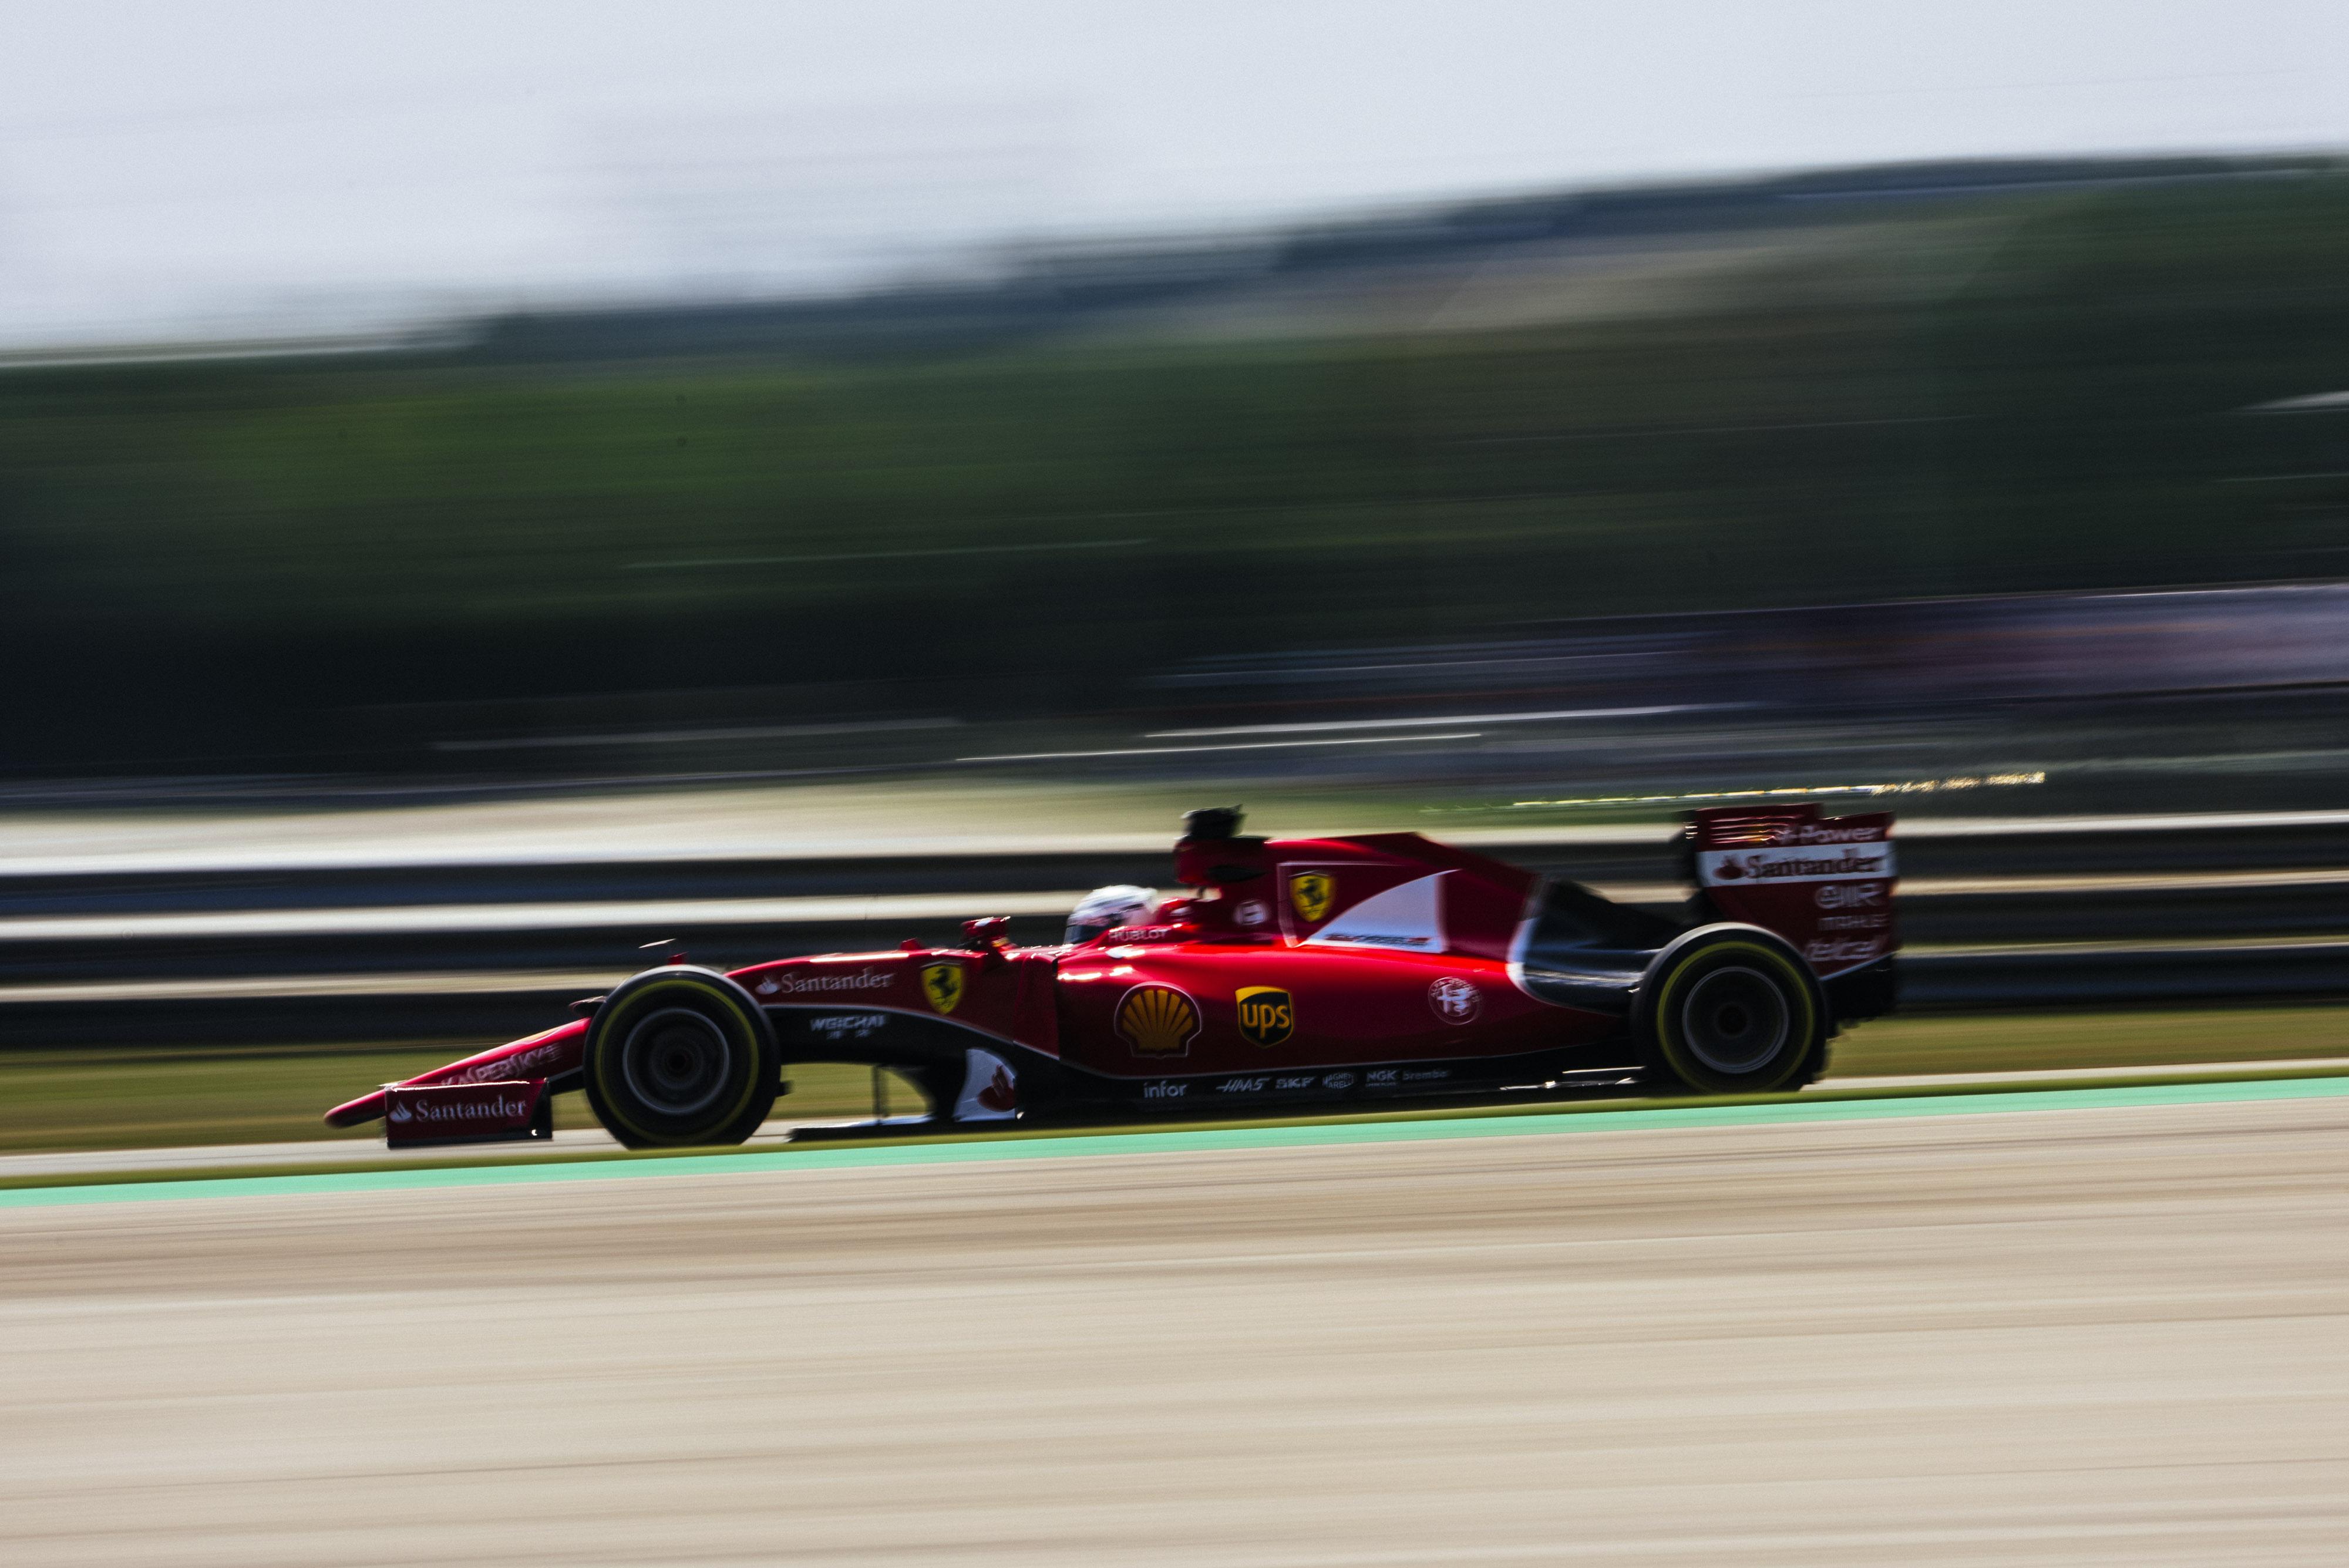 Ungheria: il punto Ferrari sulle qualifiche